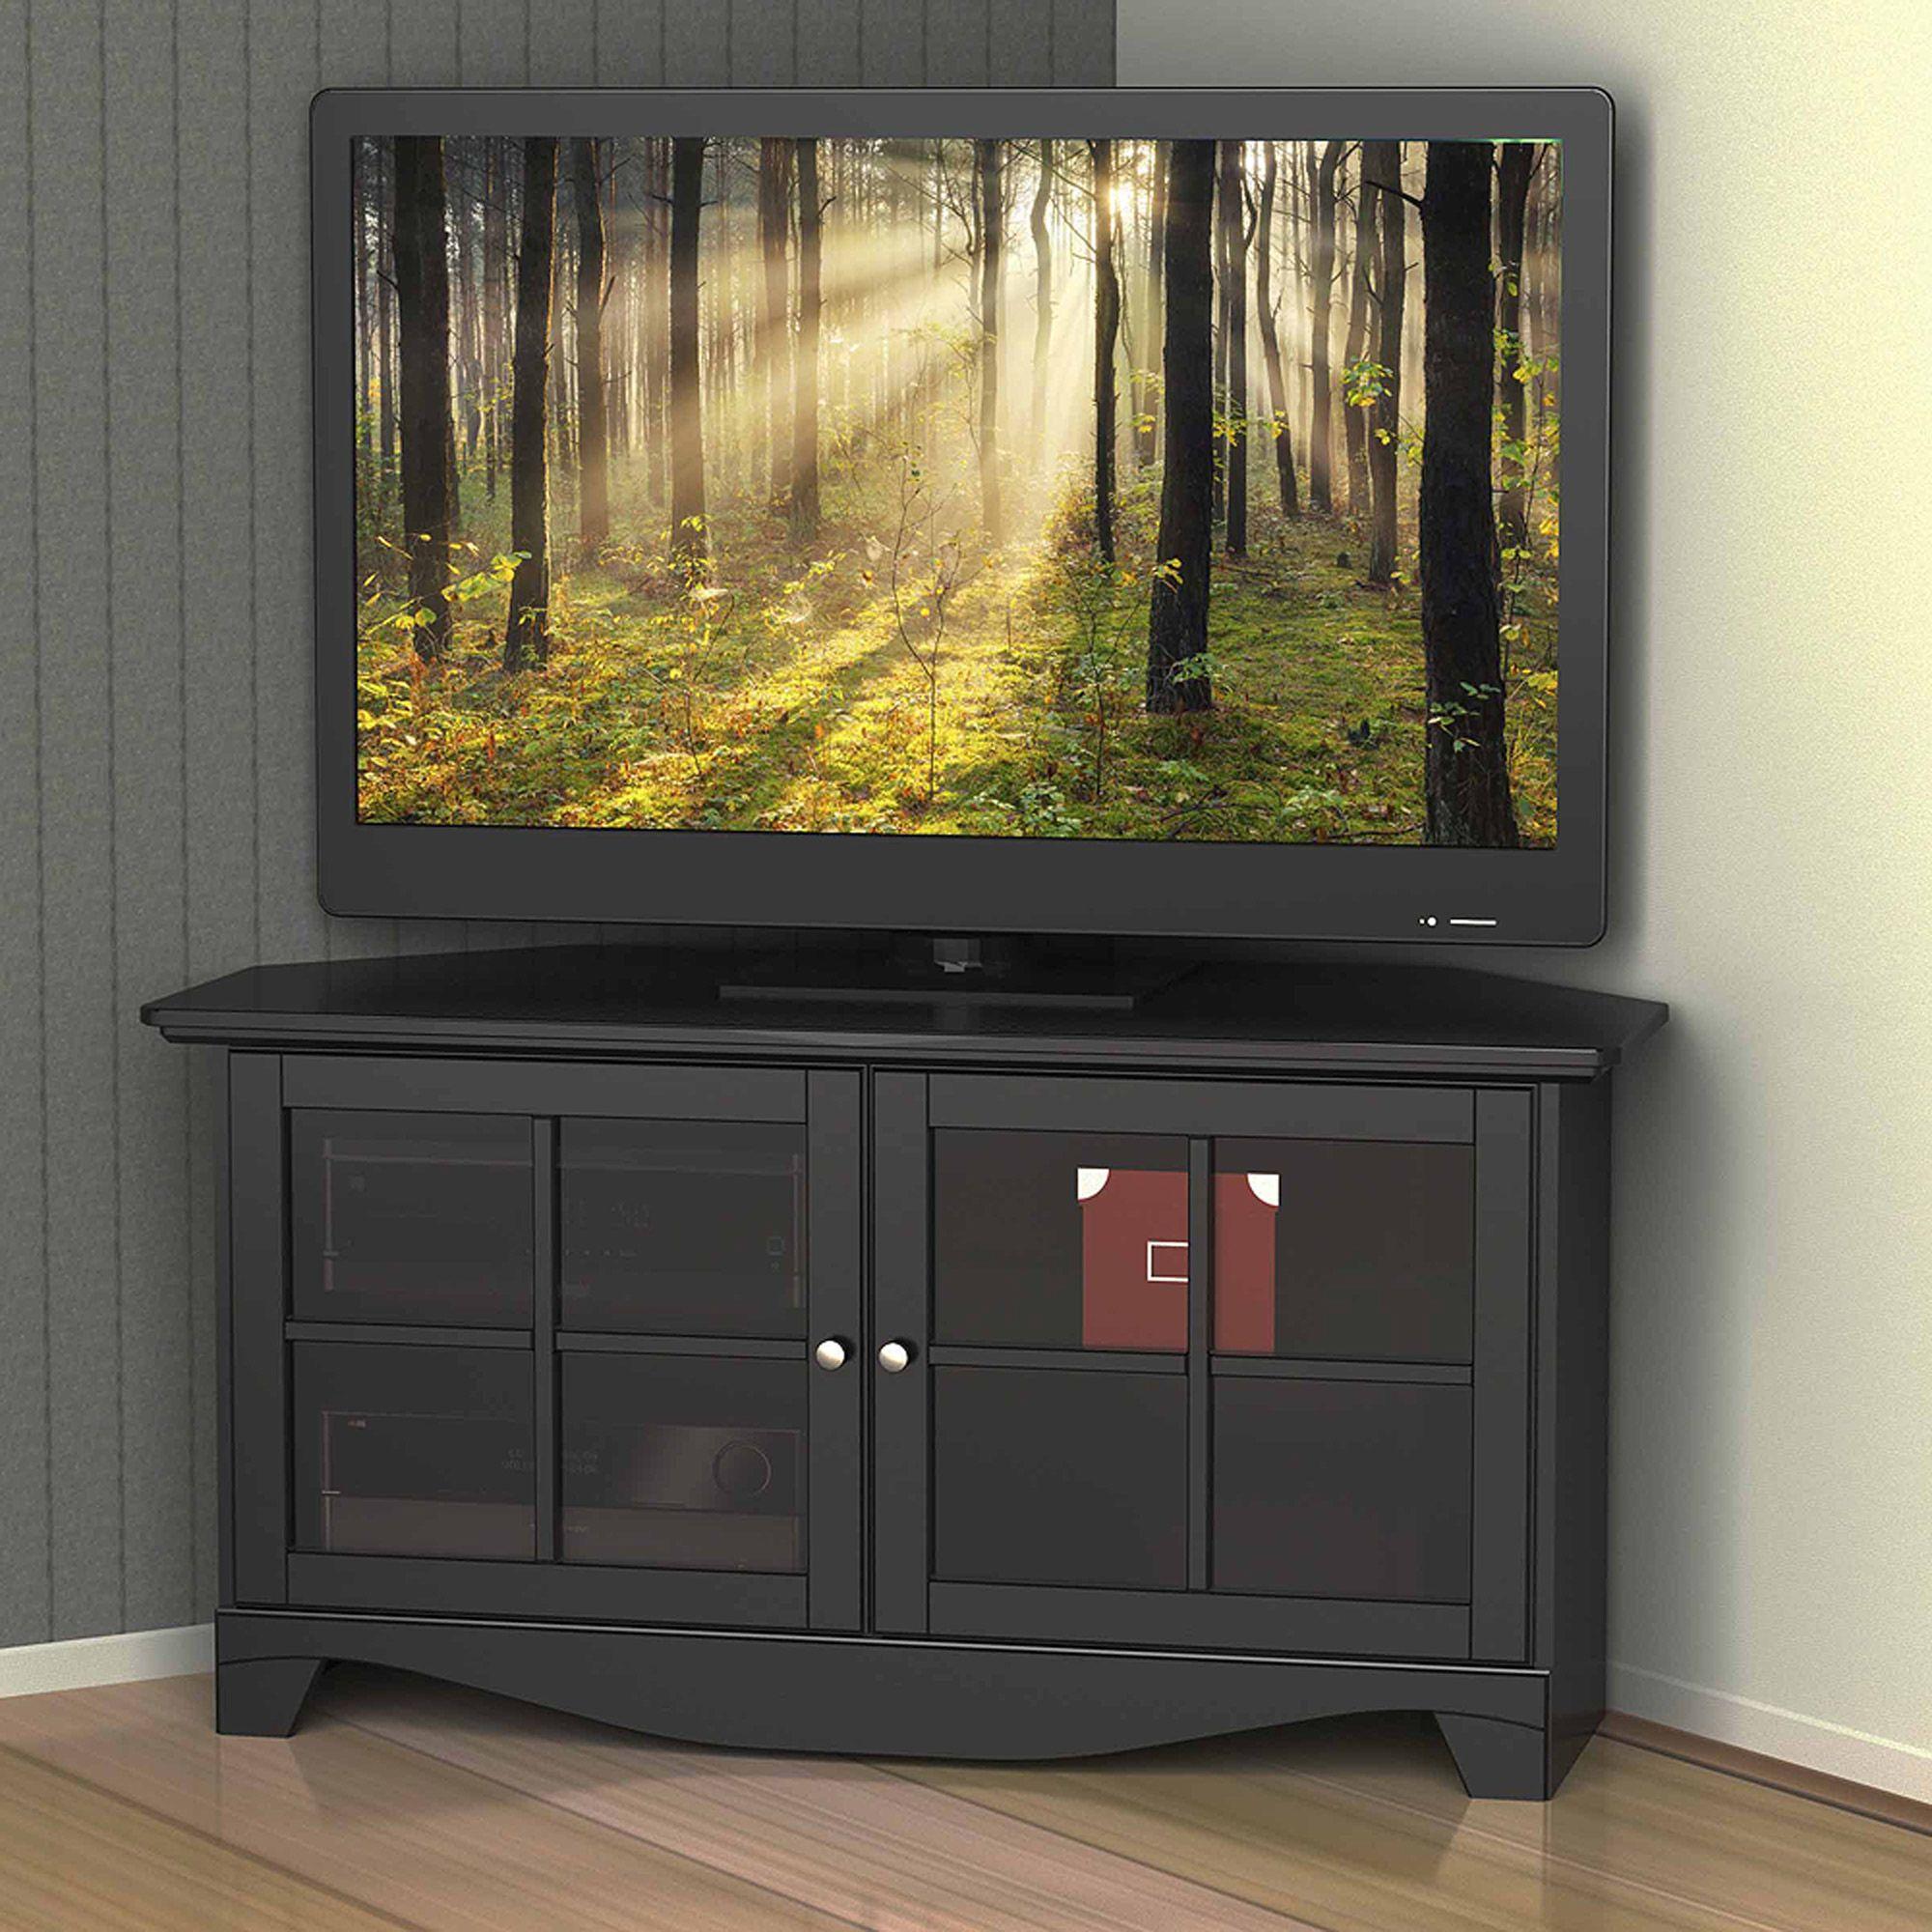 Walker Edison Black Corner Tv Stand For Tvs Up To 48 Multiple Colors Walmart Com Corner Tv Cabinets Corner Tv Corner Tv Stand